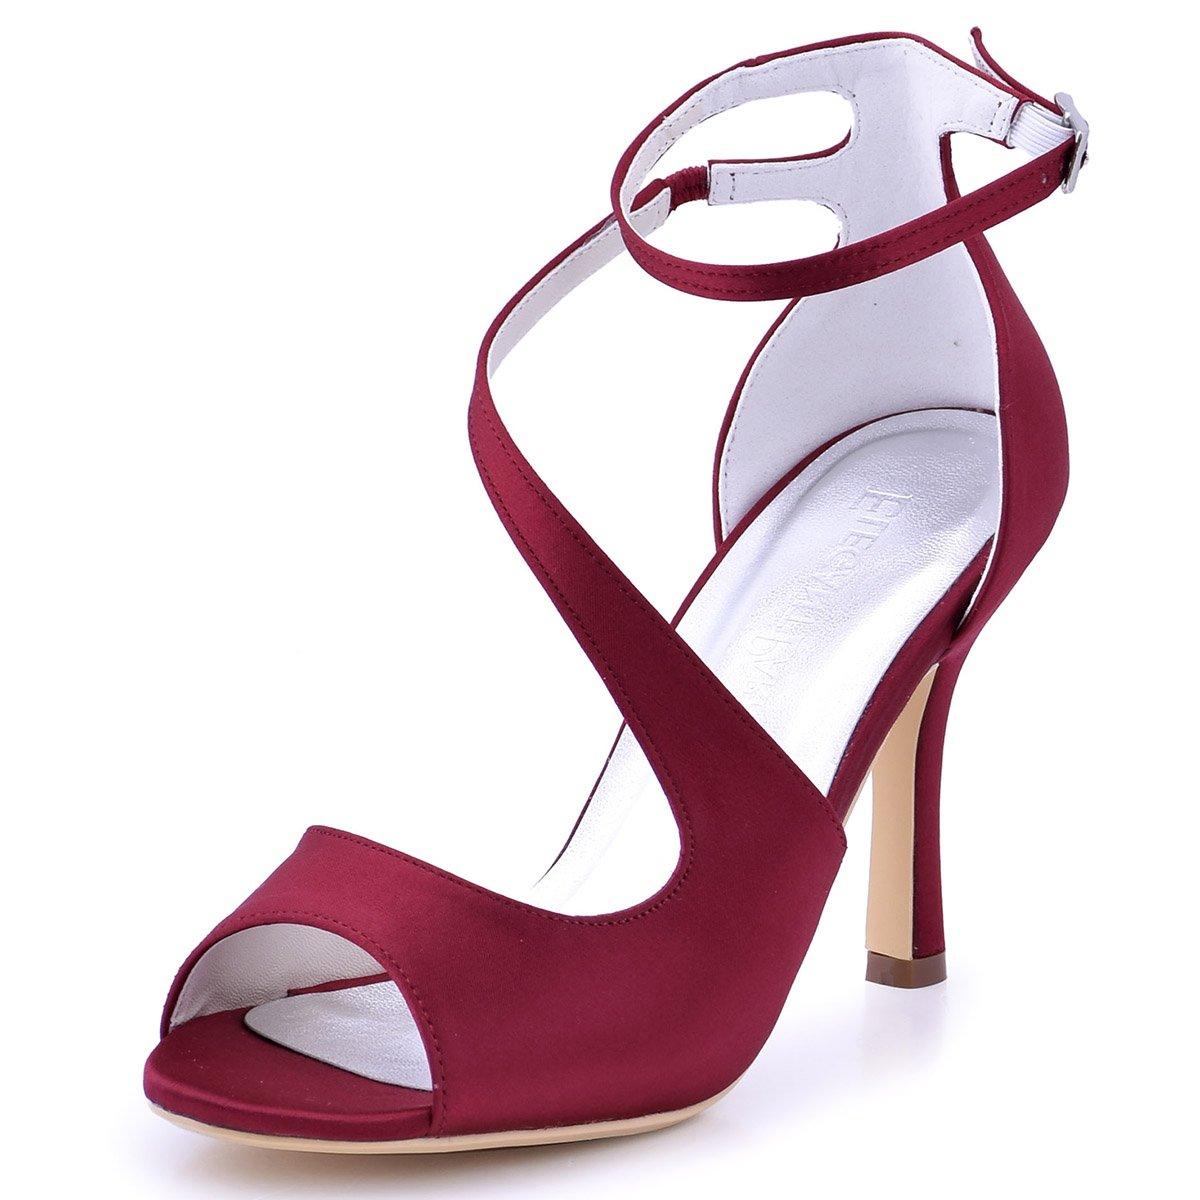 ElegantPark HP1505 Zapatos Zapatos Zapatos de tacón Punta abierta Rhinestones raso fiesta zapatos de novia Mujer 0c7594